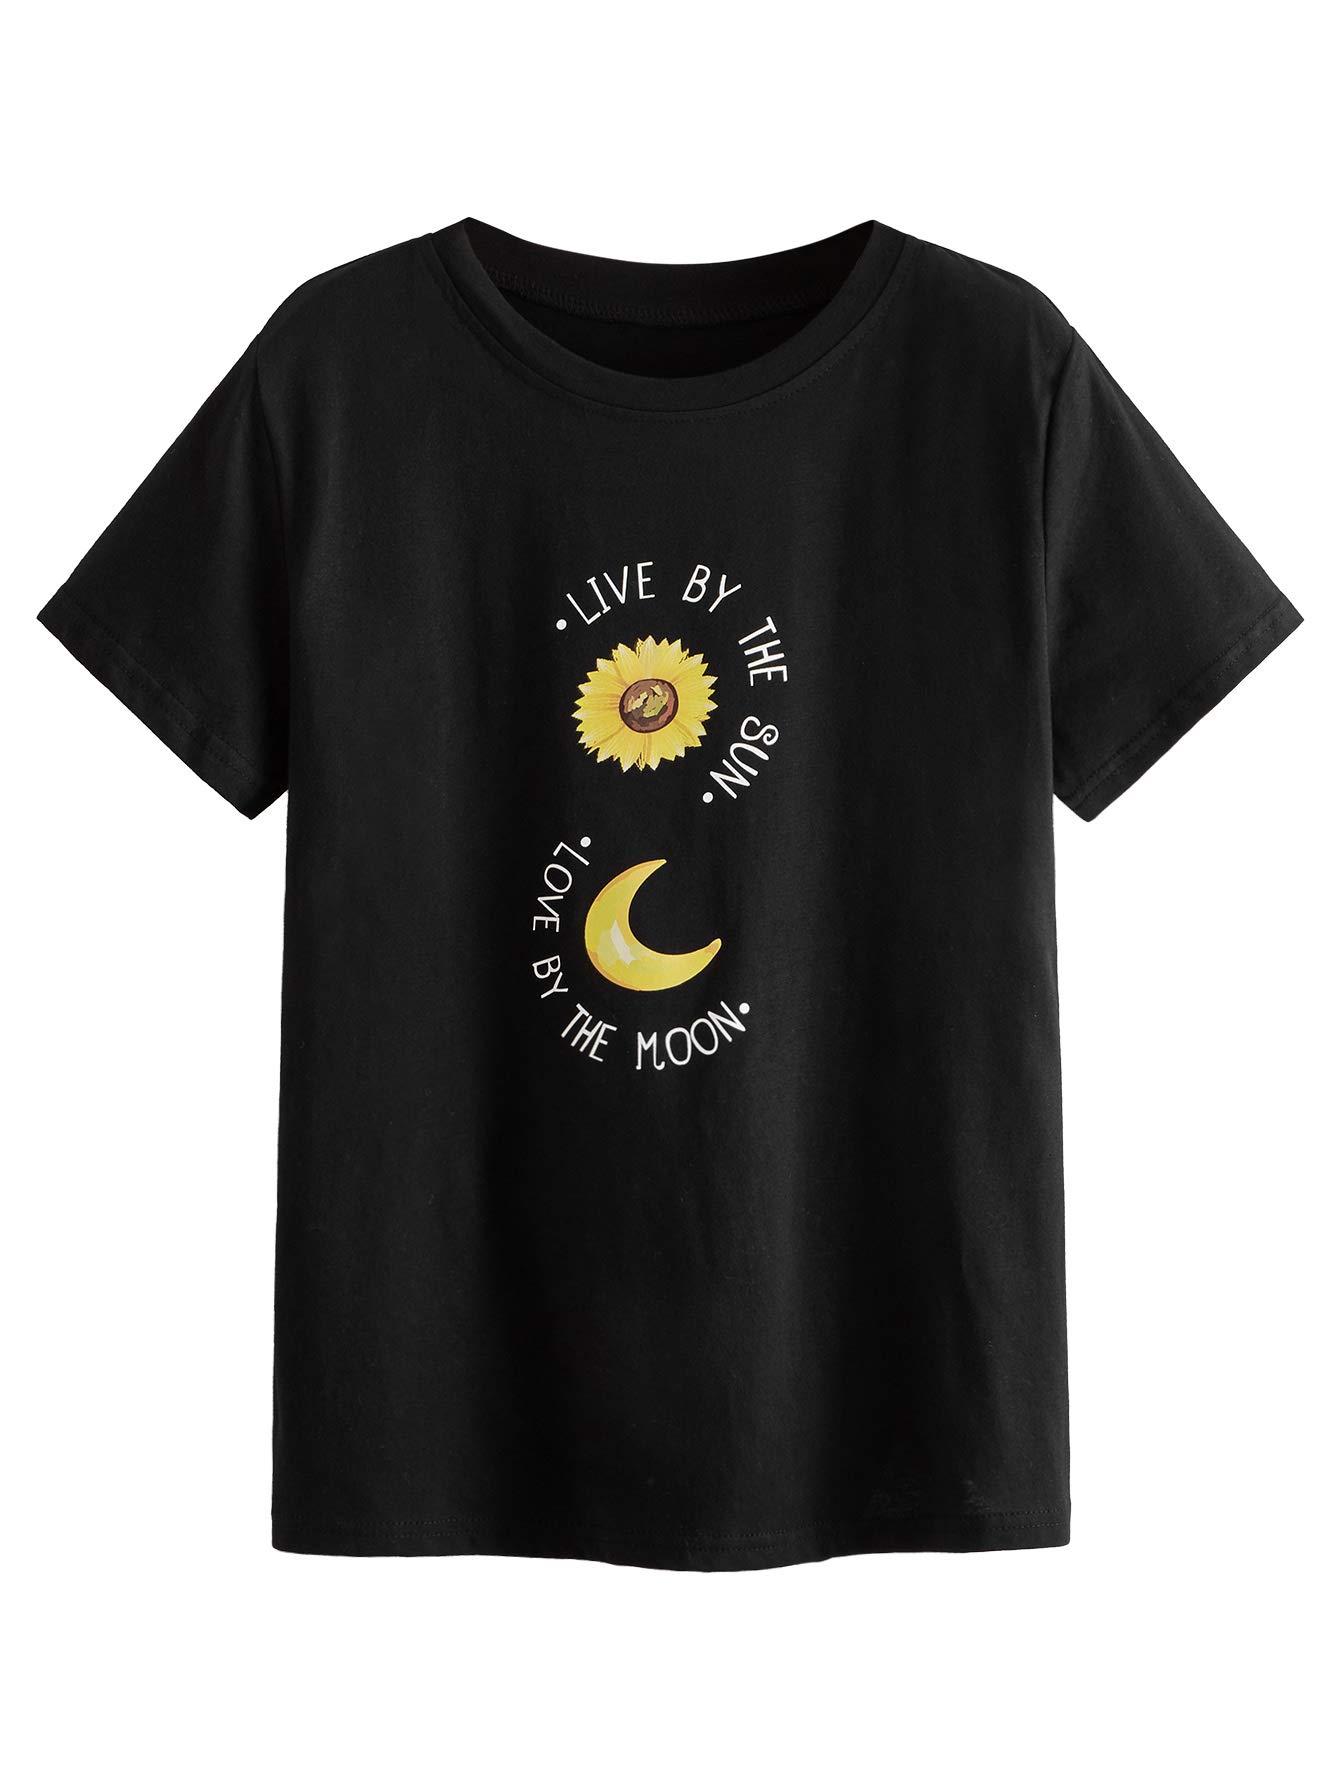 SweatyRocks女性美しいヒマワリのプリントラウンドネック半袖Tシャツシャツは